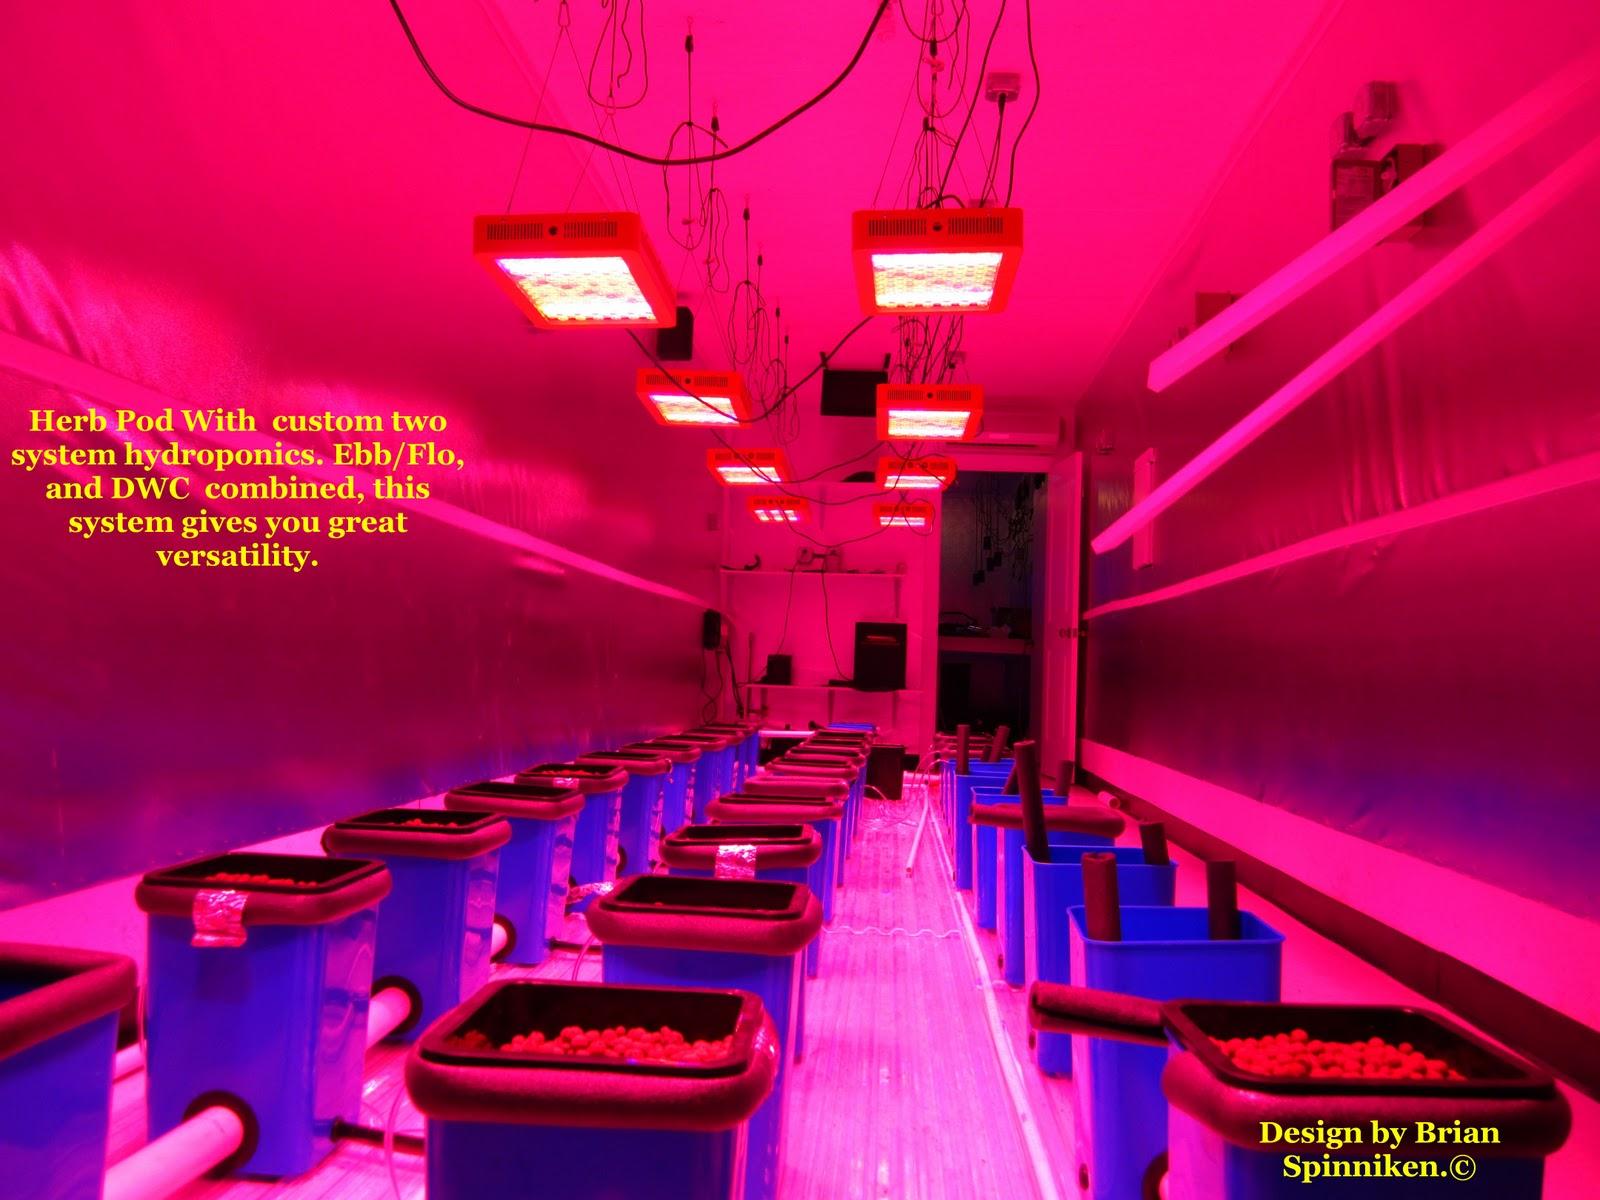 http://4.bp.blogspot.com/-U2Q2geeIWIk/TtCnohAa30I/AAAAAAAAALg/Qp8vdZ1NfE0/s1600/busy+bee+with+herb+pod.jpg